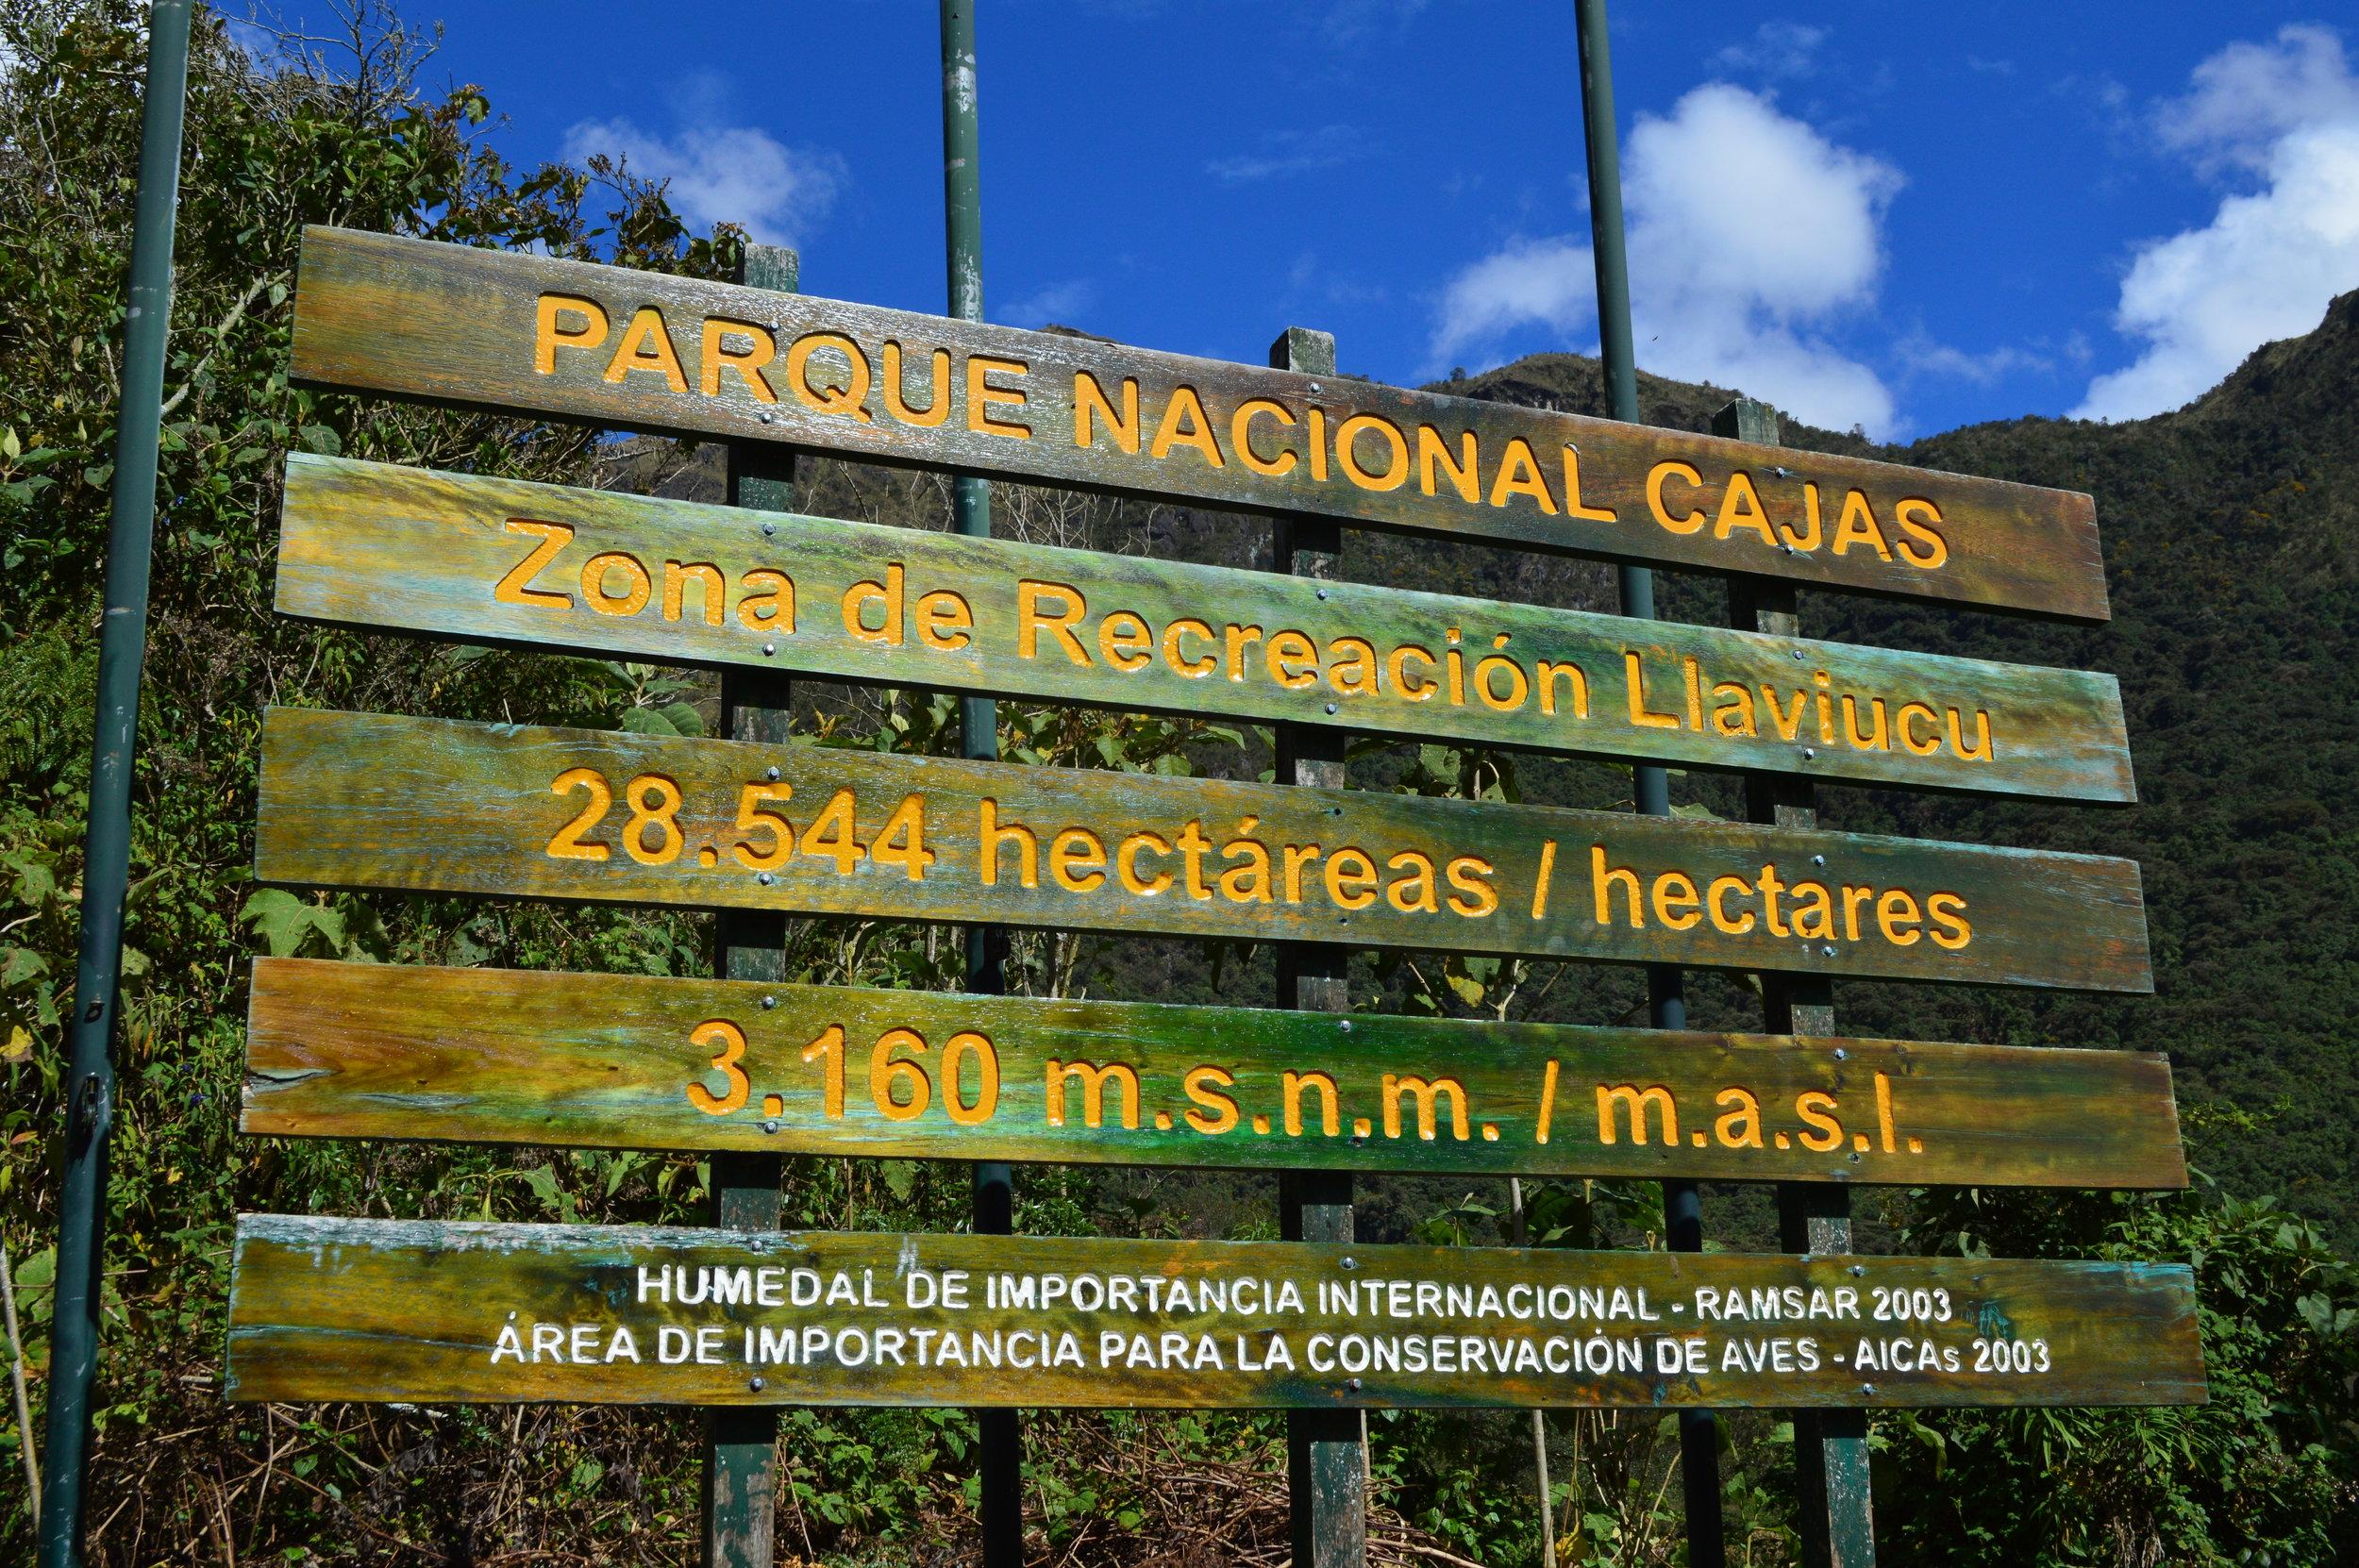 Cajas National Park entrance